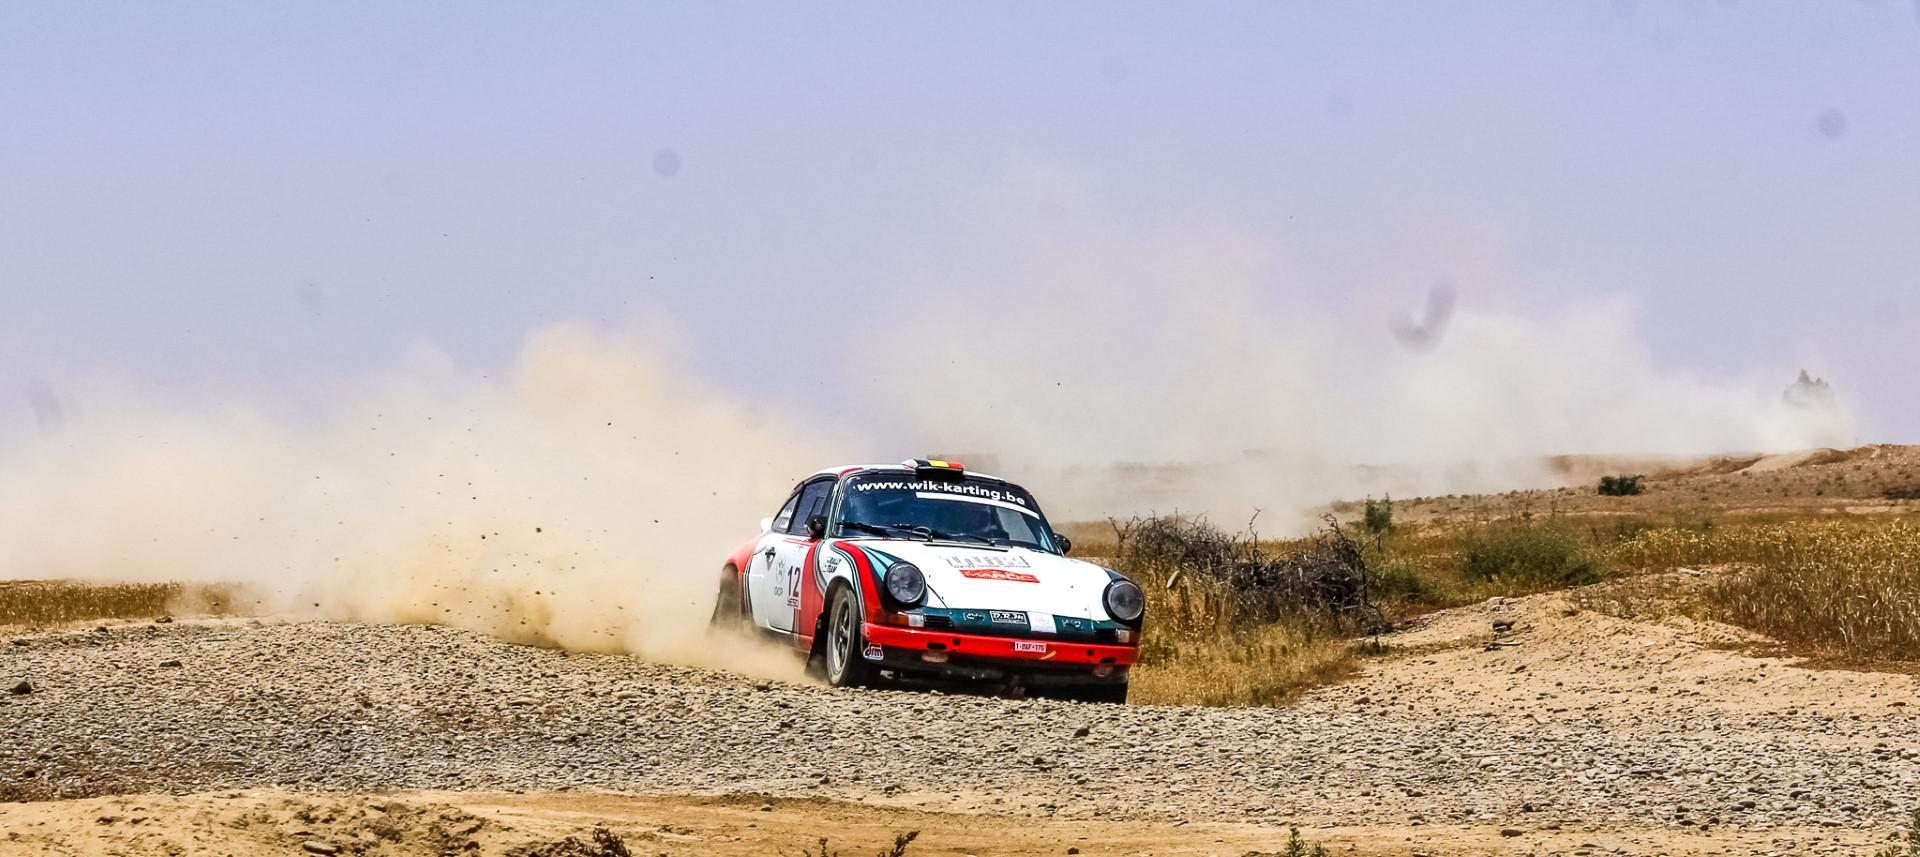 maroc-historic-rally-mhr-2018-victoire-de-deveza-827-3.jpg